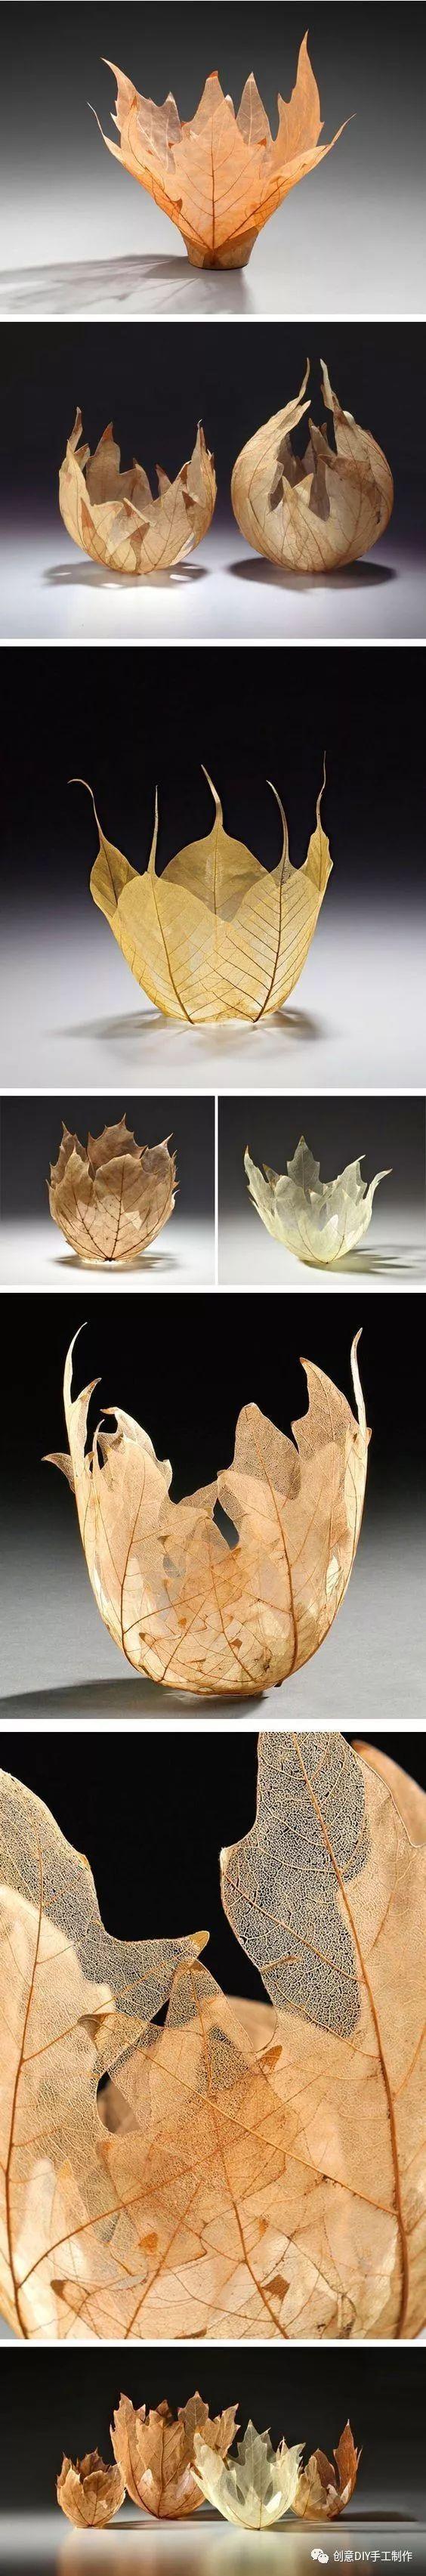 原标题:【米桔巧手屋】 15款秋叶创意手工DIY  一阵秋风吹过,大树底下又多了些飘零的落叶。 秋天的树叶不仅看起来美丽, 而且还是孩子们发现美、创造美的好材料。 秋季美工区的材料投放,怎能少得了五颜六色的落叶呢!  1、树叶碎片粘贴手工